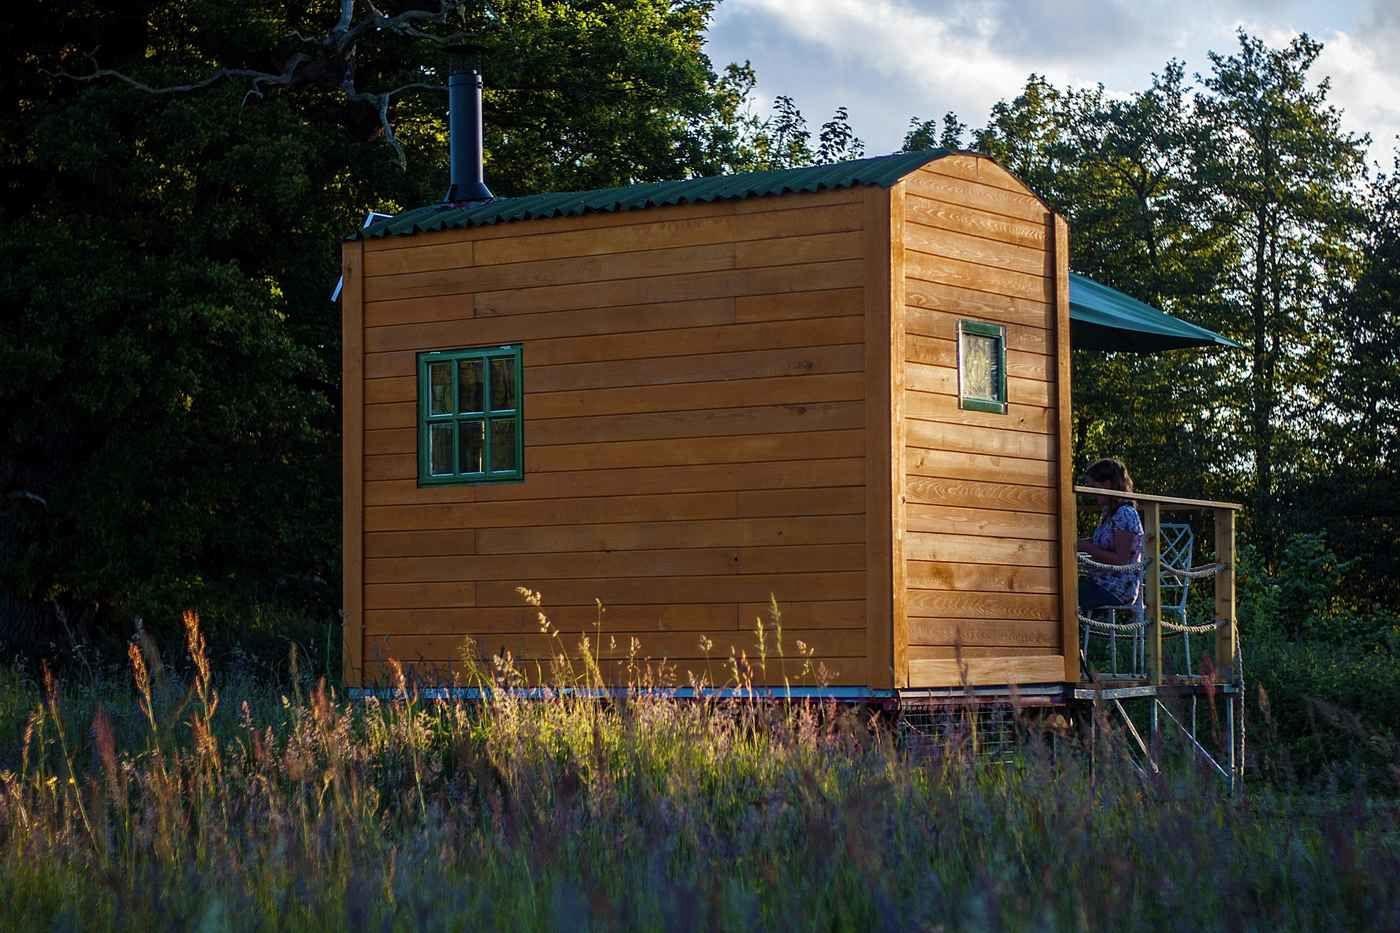 Campsites in the Midlands